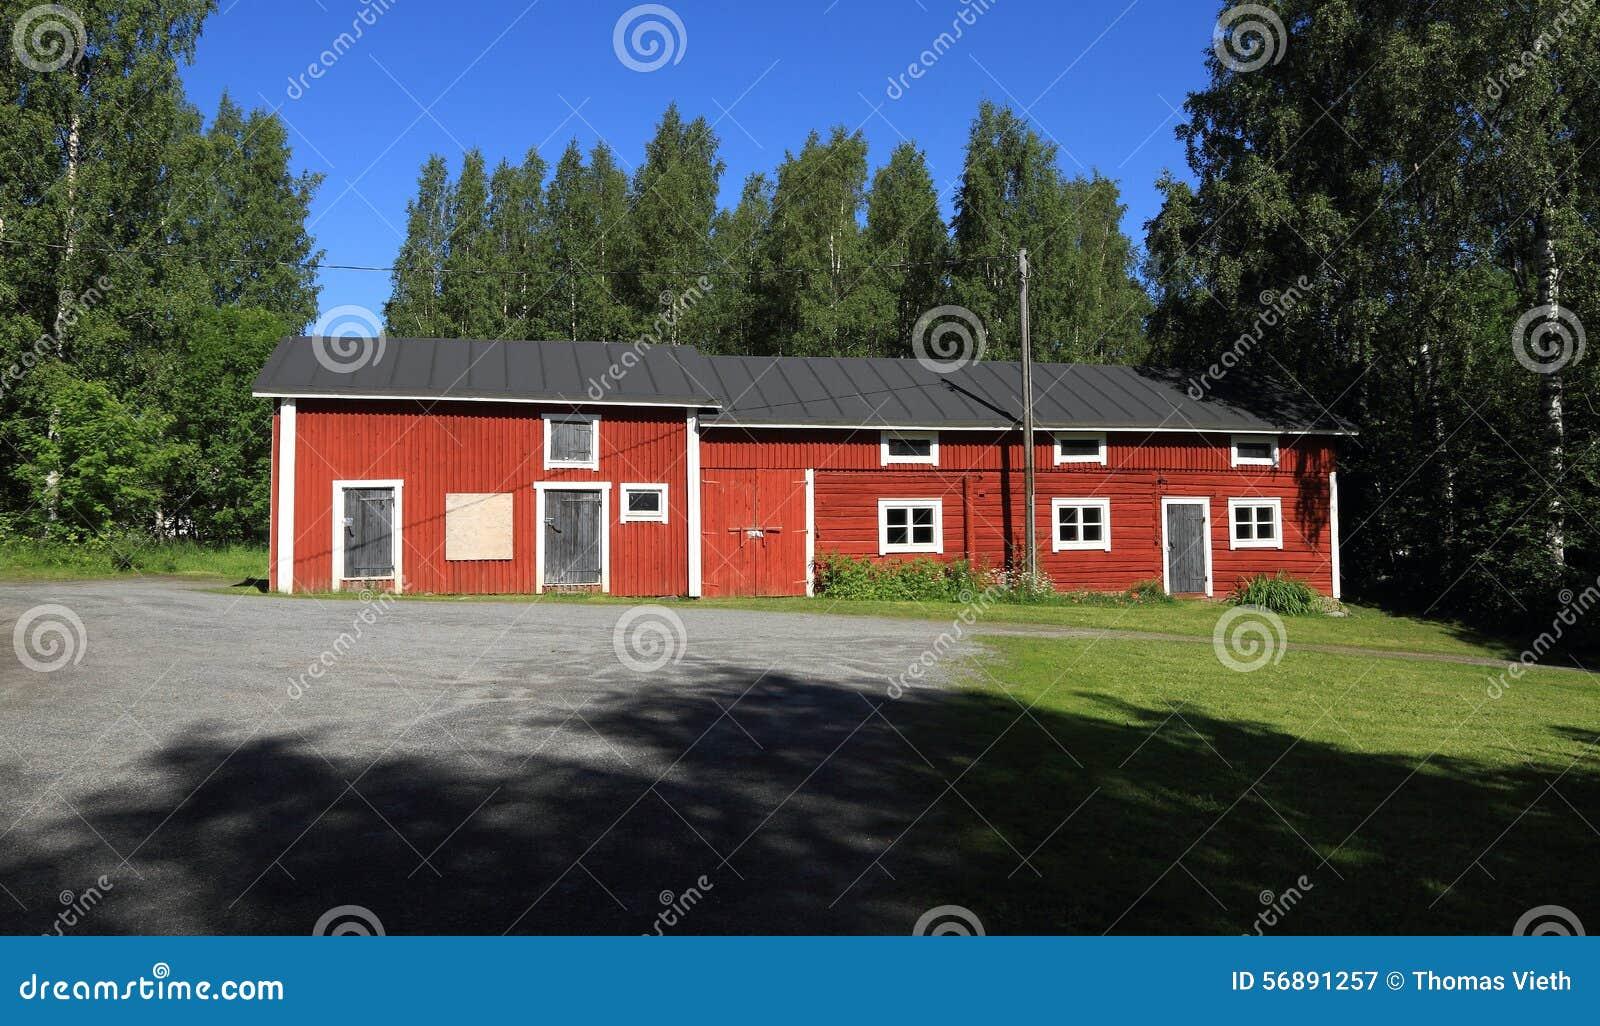 La Finlandia, Savonia/Kuopio: Architettura finlandese - azienda agricola/granaio storici (1860)